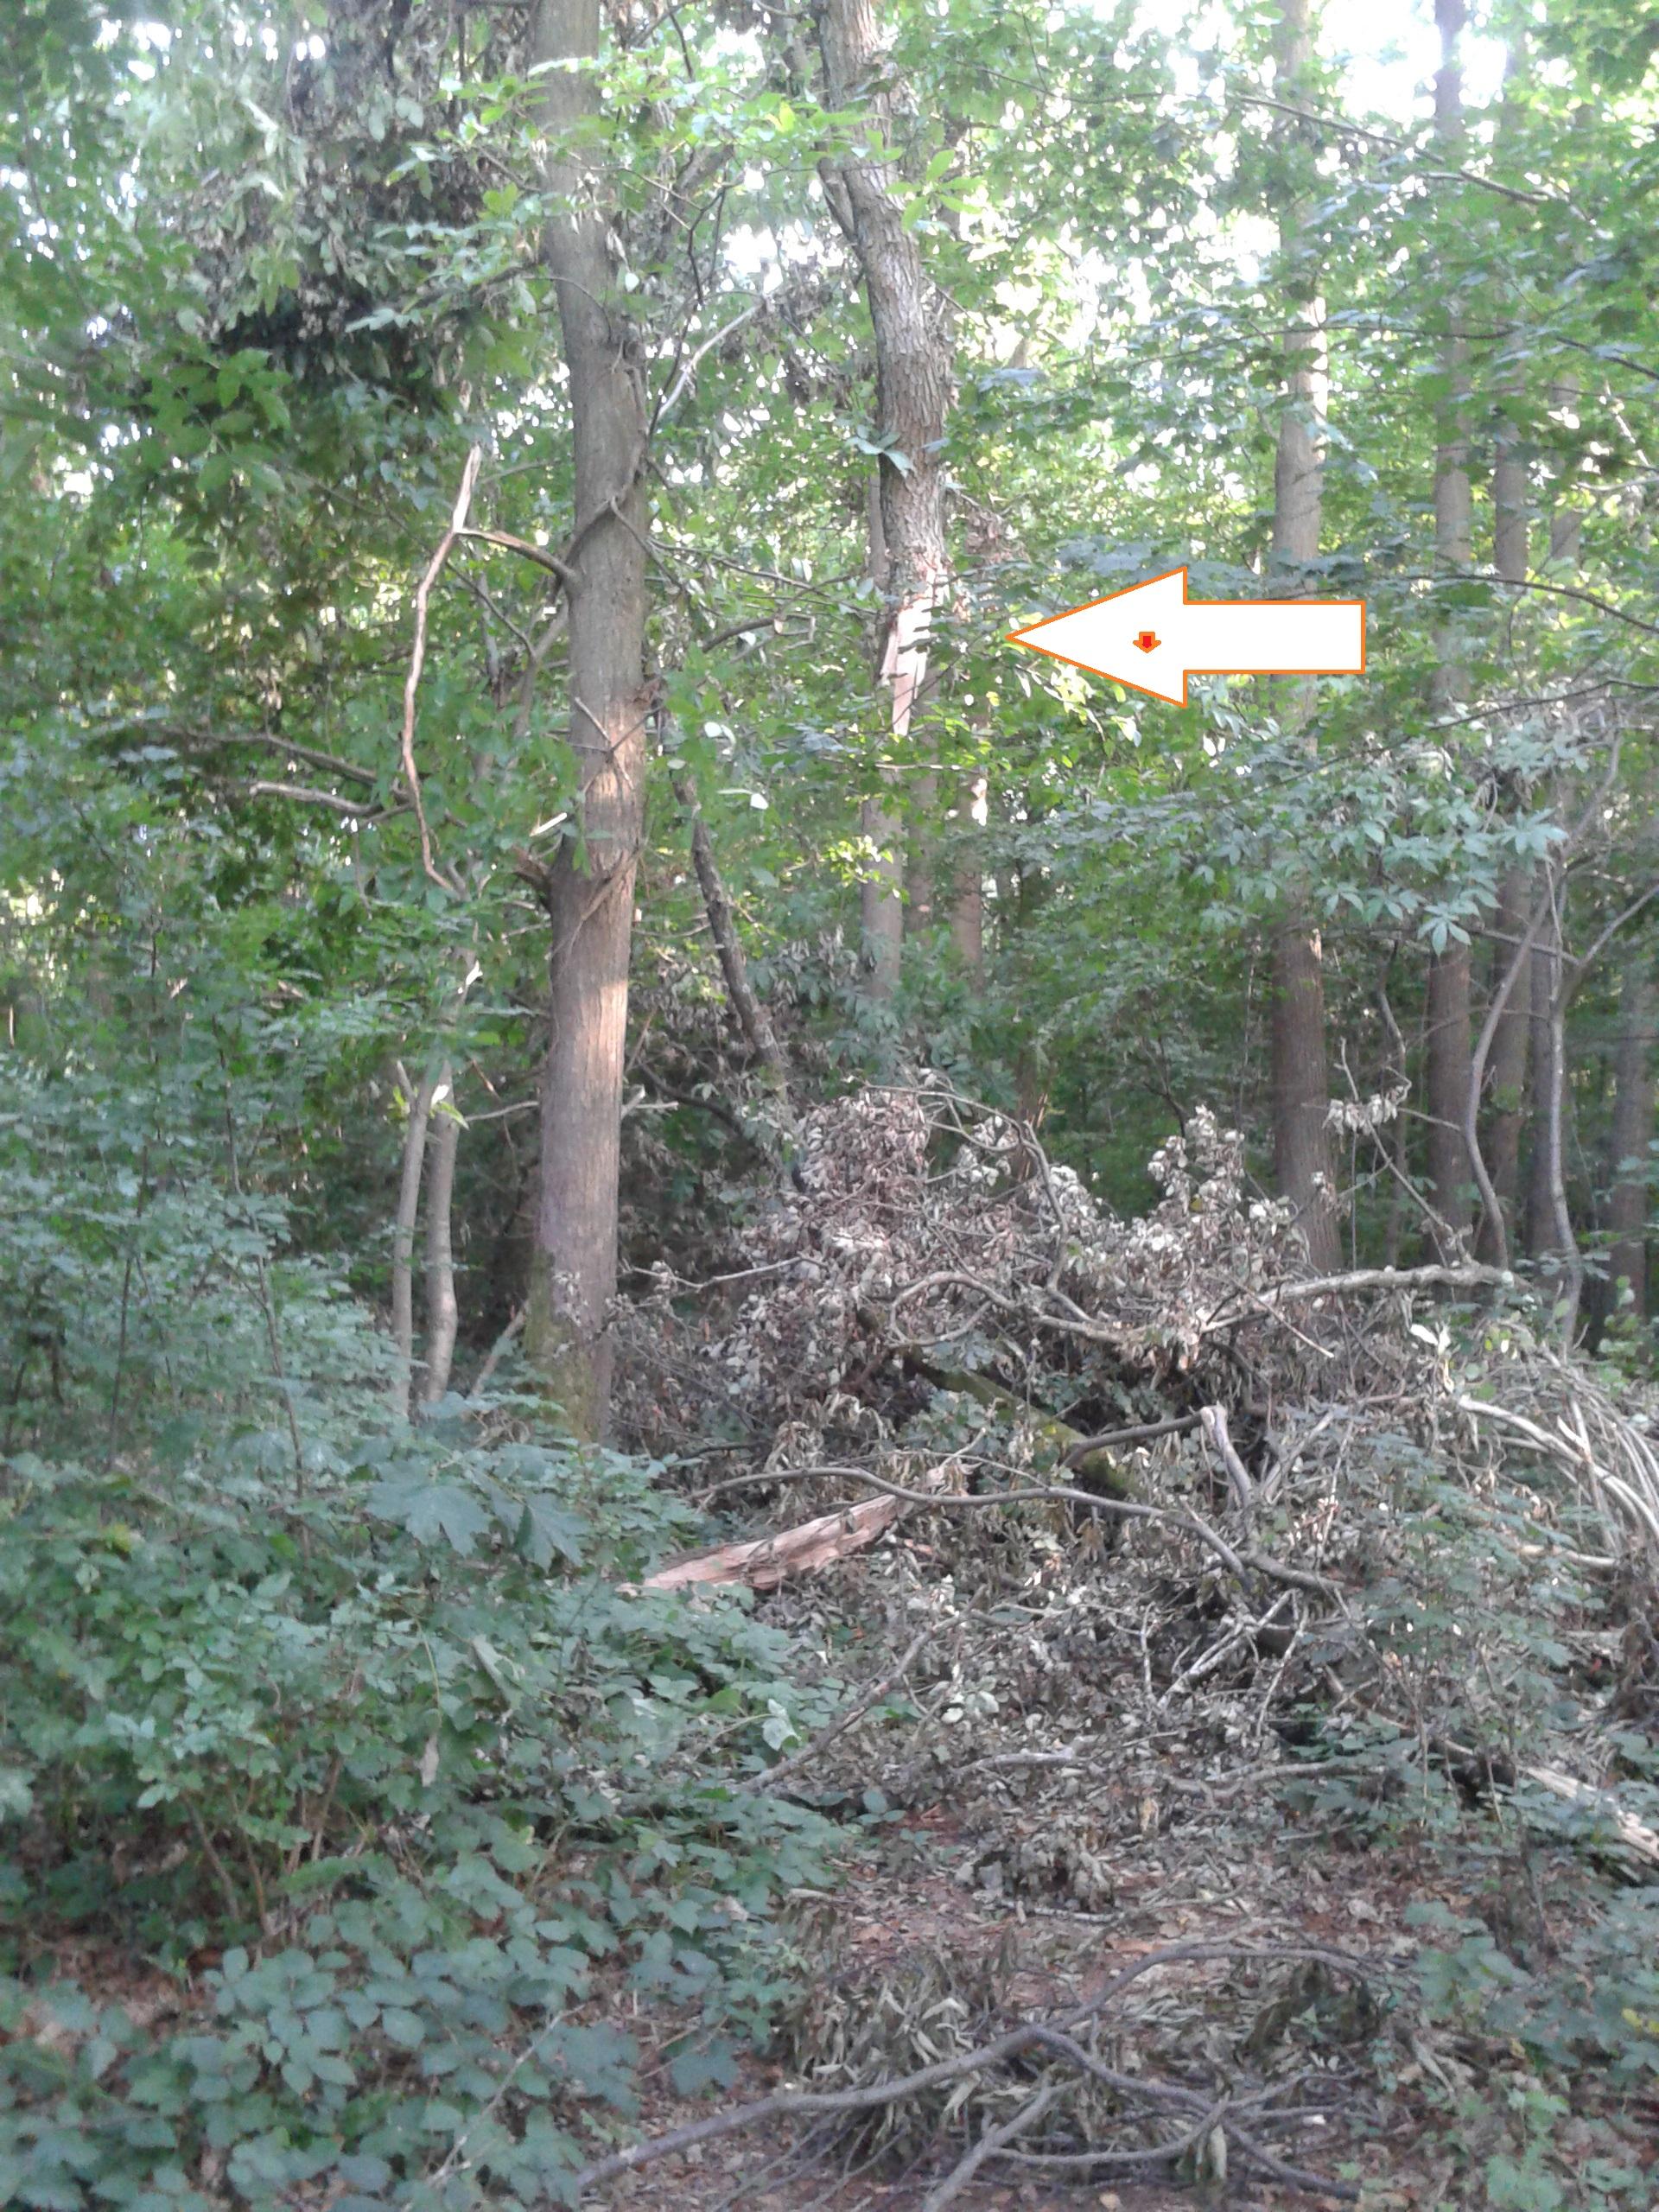 La Garenne SAMEDI 24 Aout 2013  Annulée refection Terrain cause intempérie arbres cassés 2013-08-08-19.14.02-401c1a7